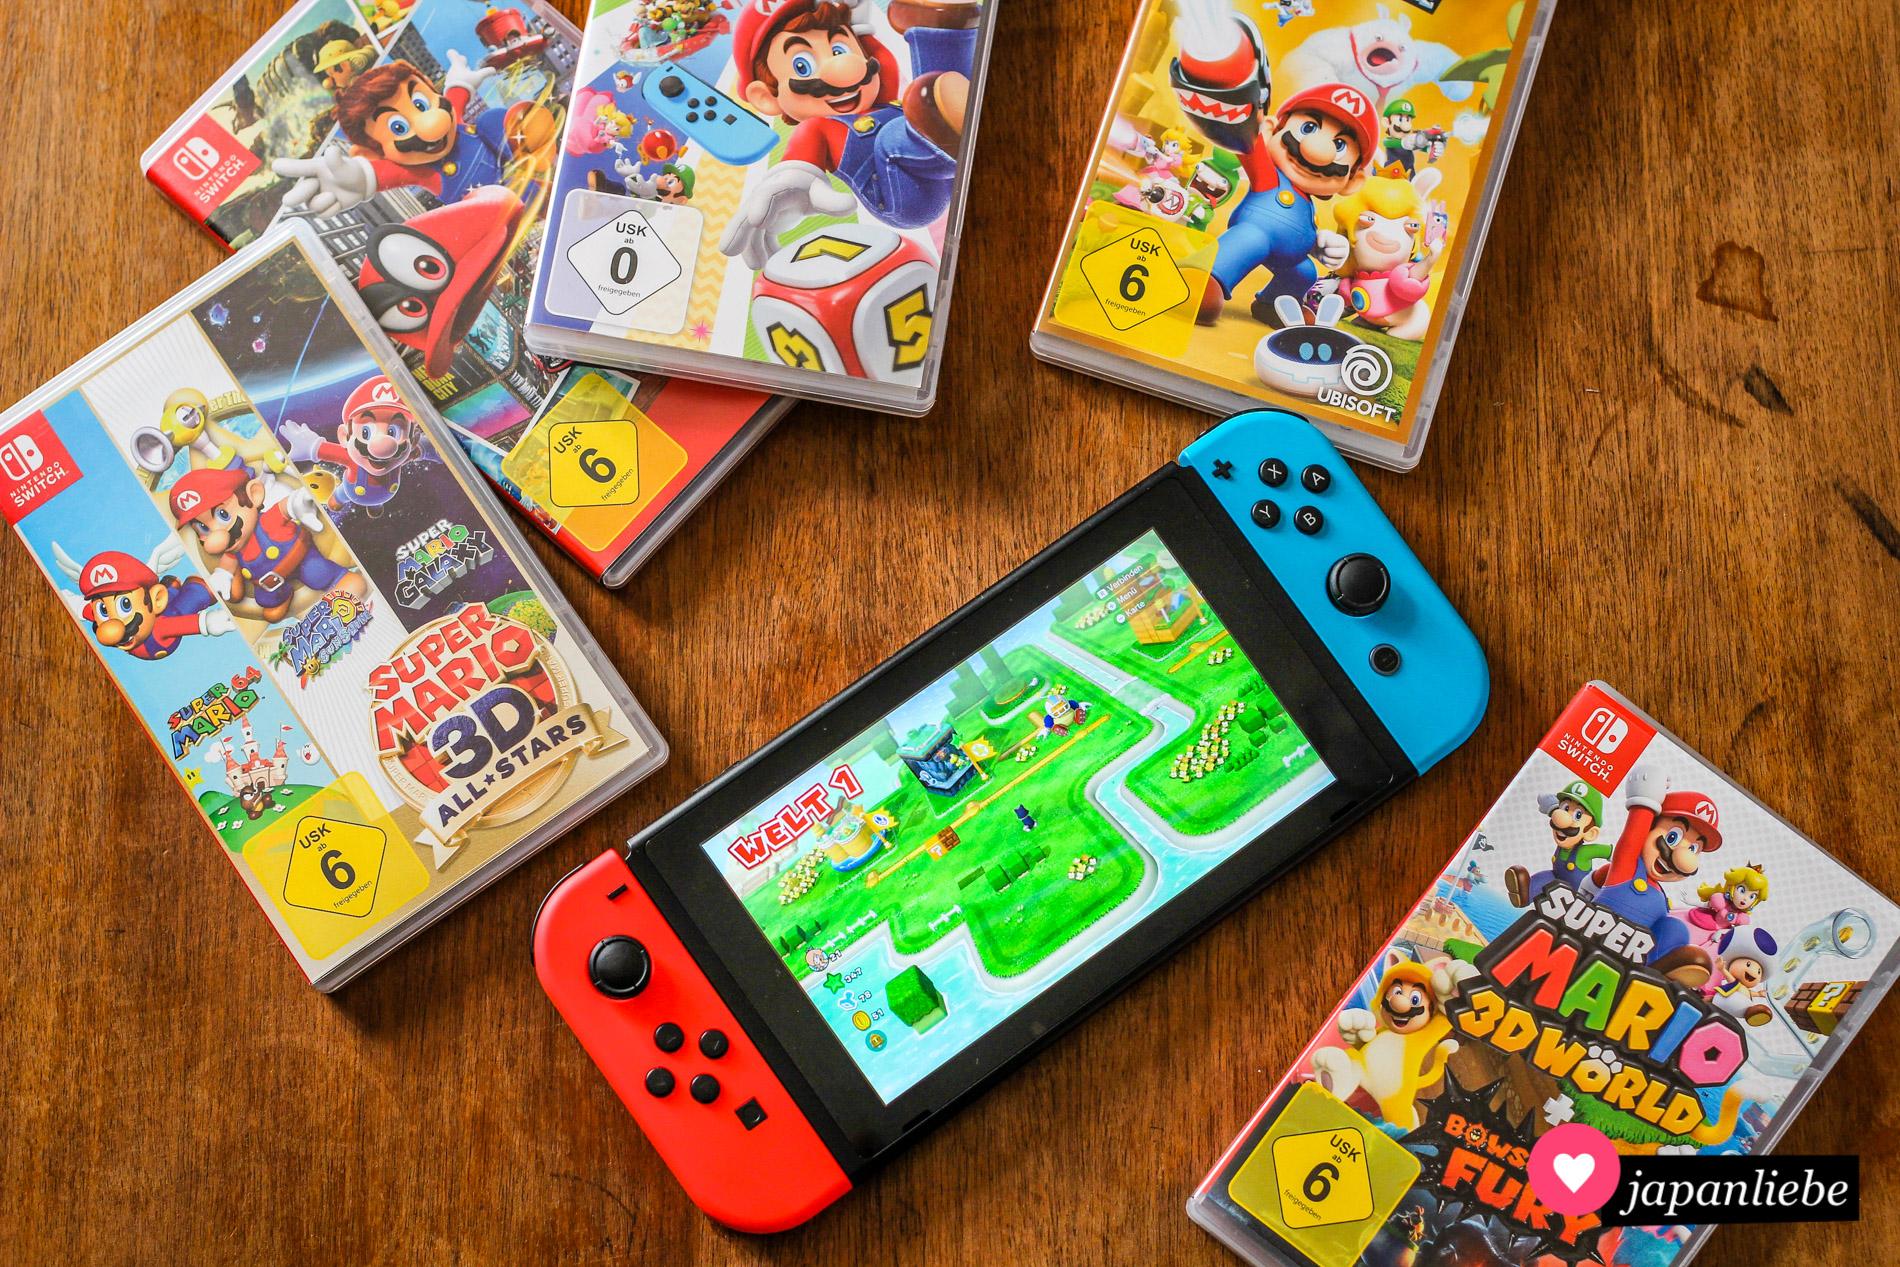 In diesem Haushalt lieben wir Super Mario.